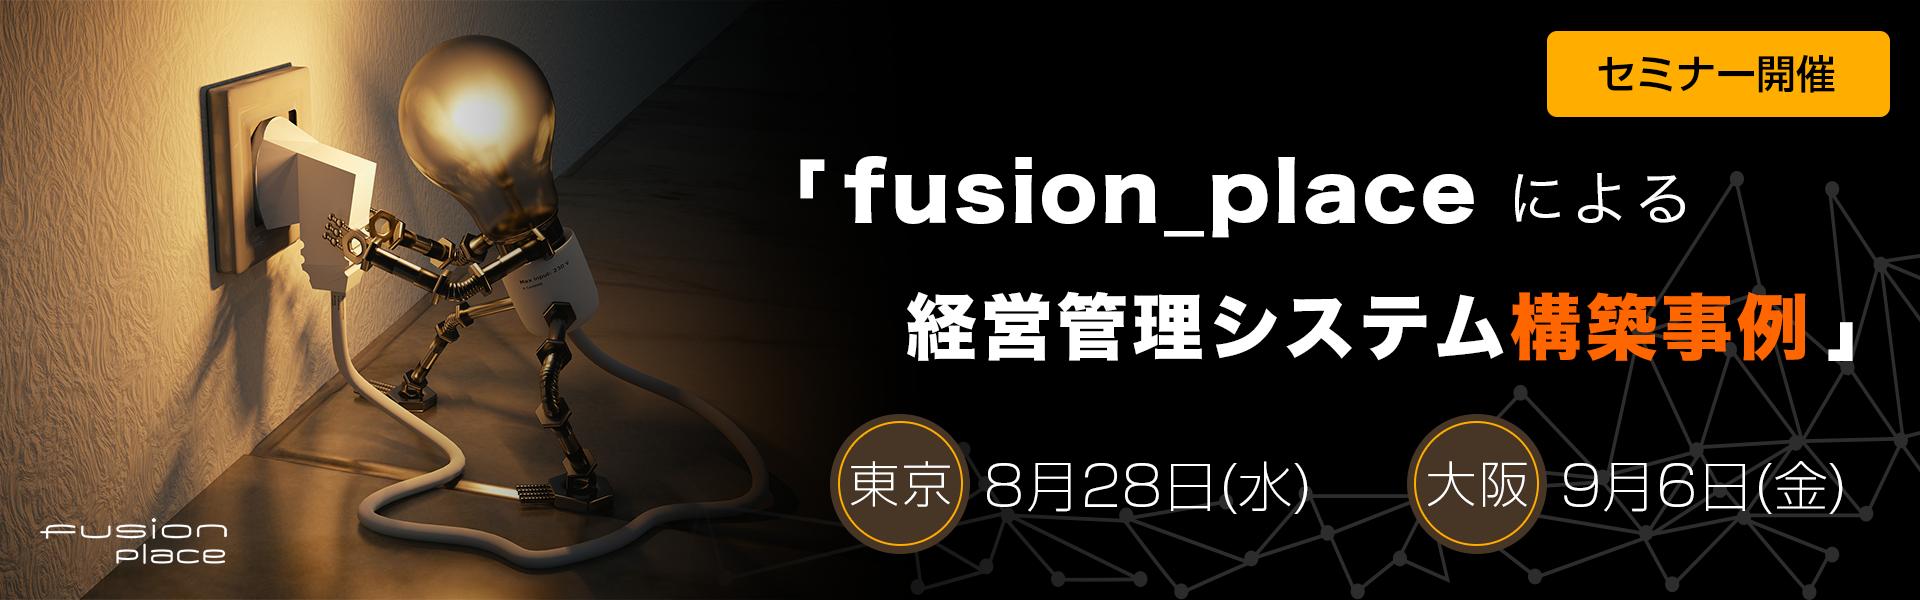 fusion_placeによる経営管理システム構築事例セミナー